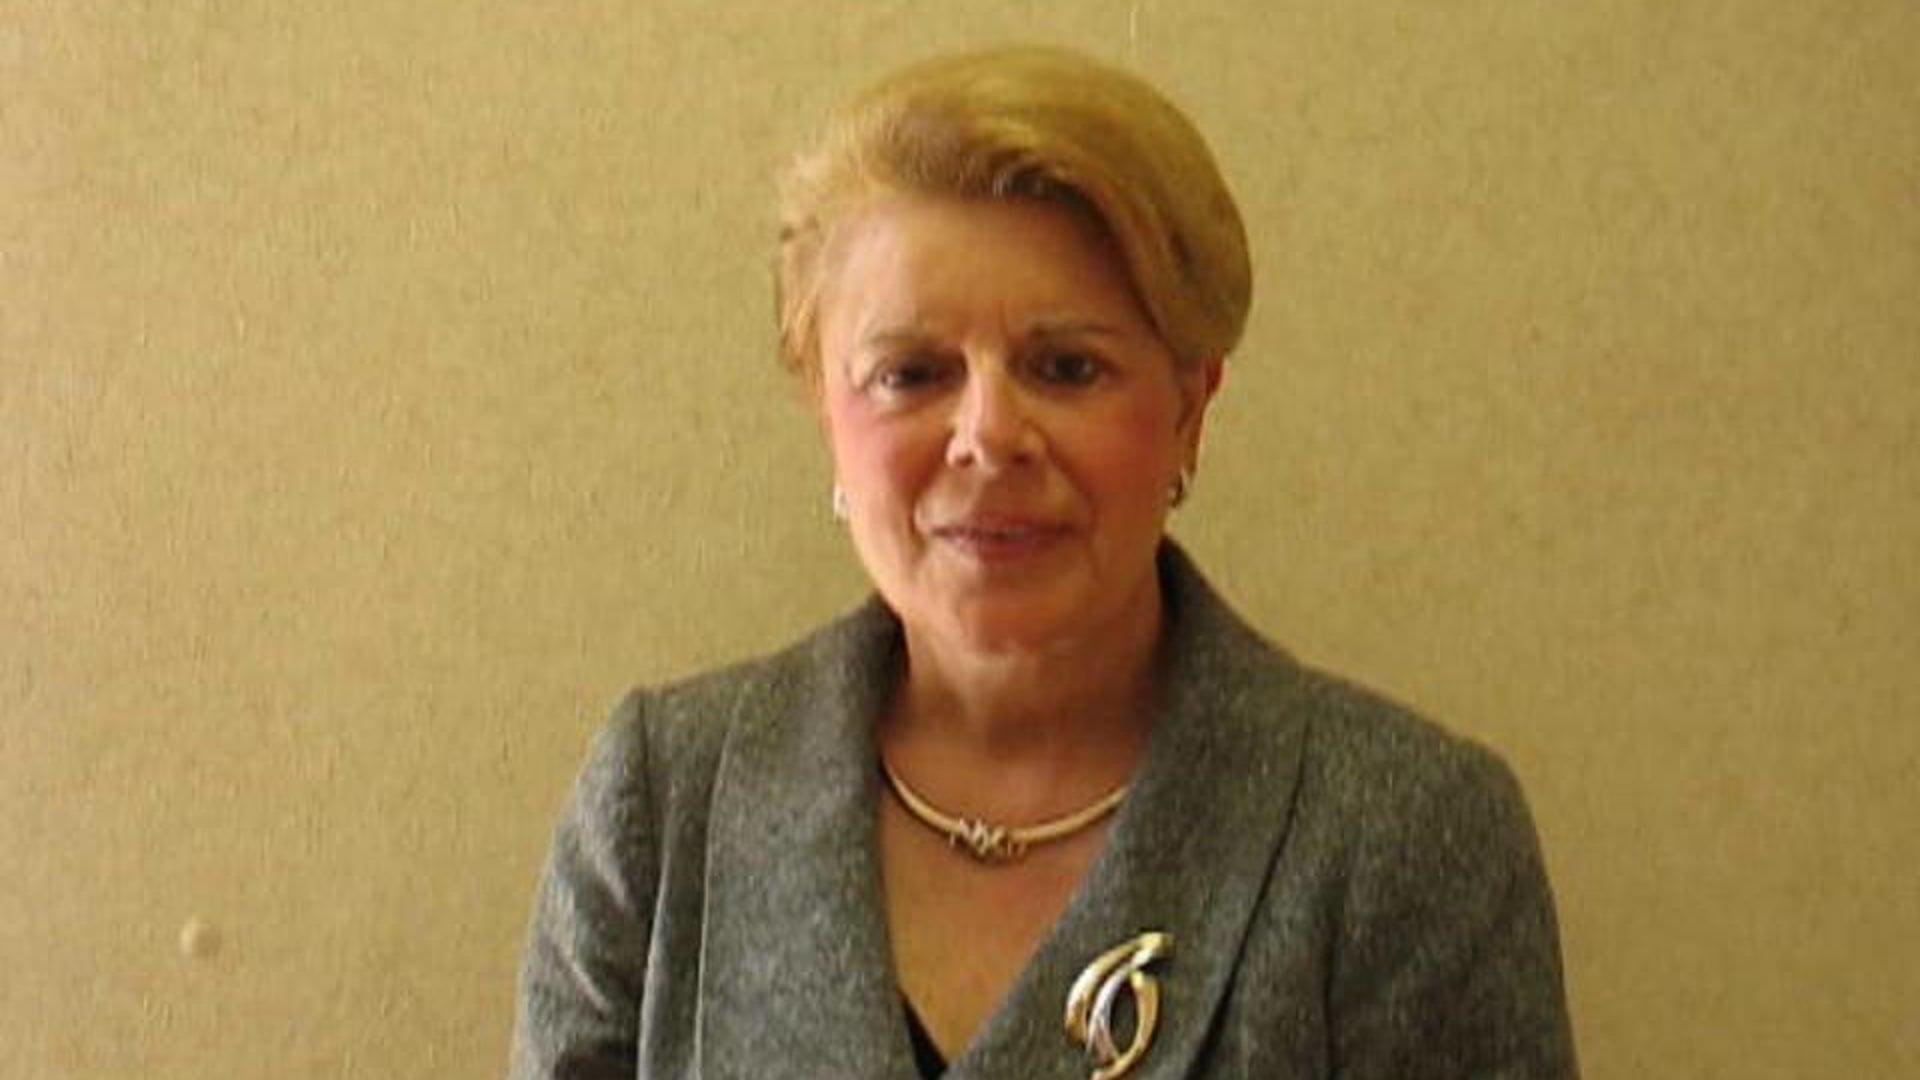 Dianne Durkin